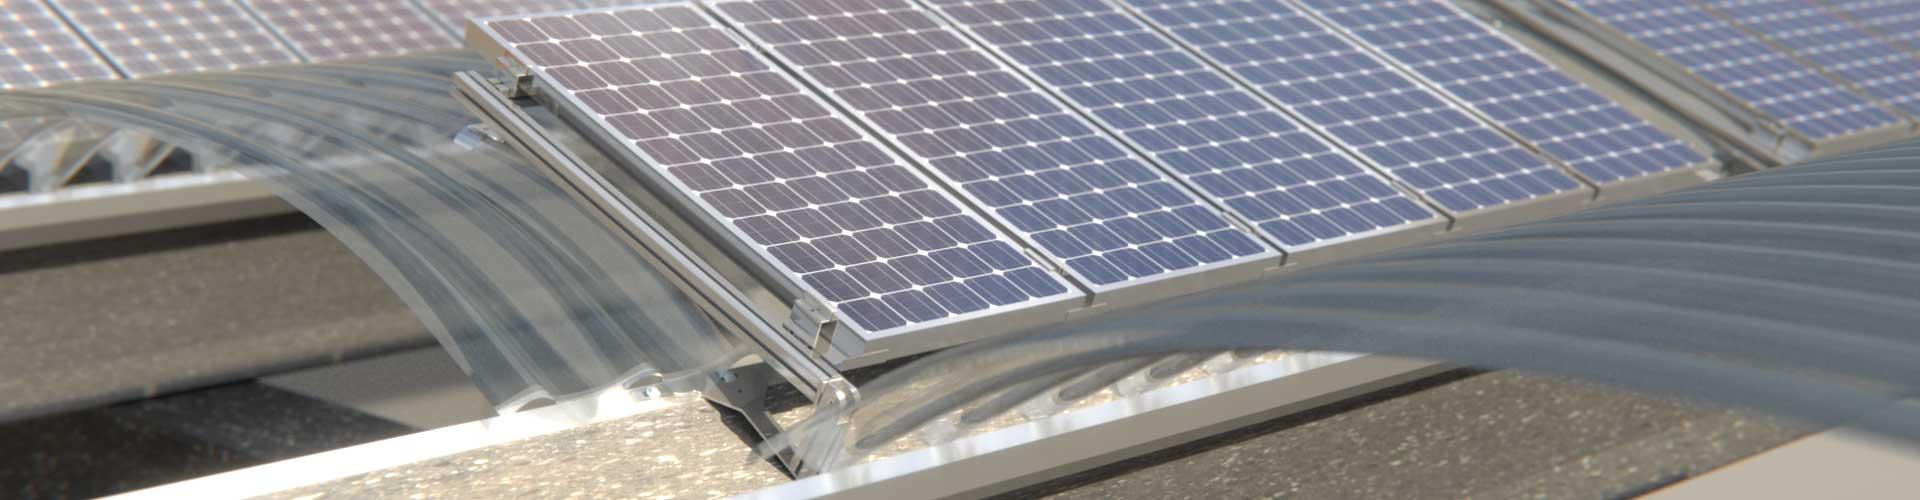 strutture_per_fotovoltaico_5